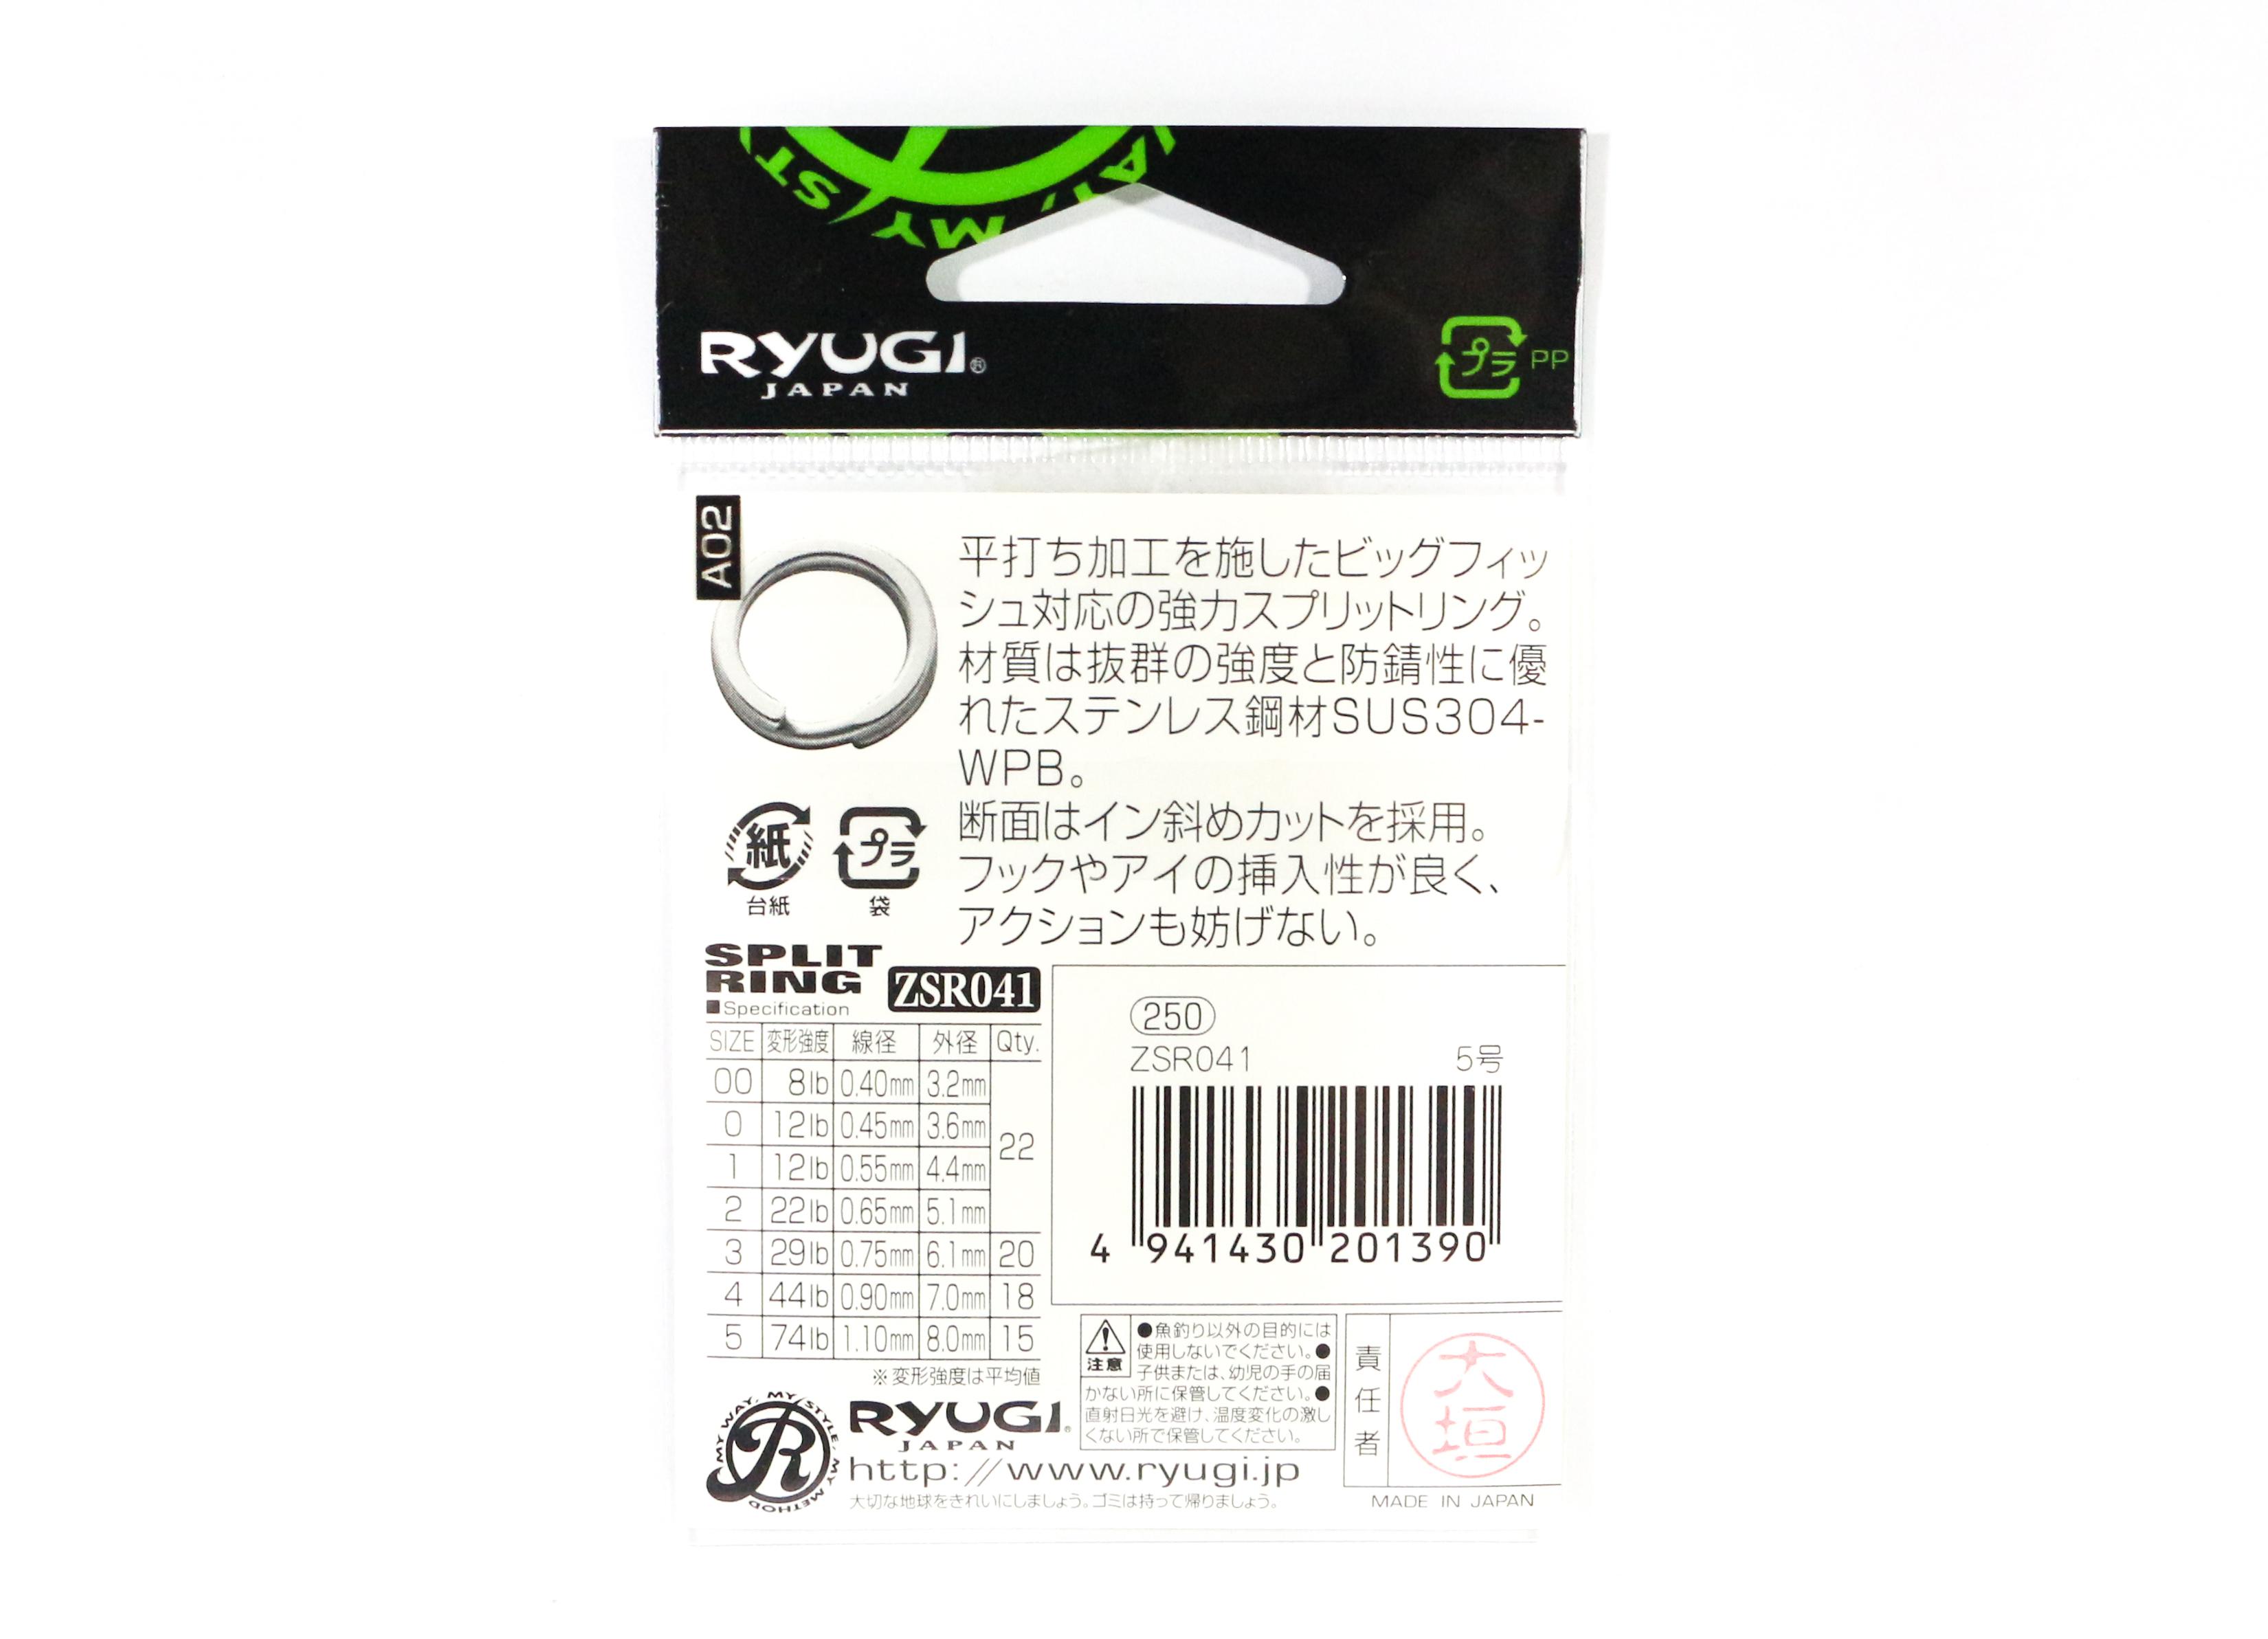 1369 Ryugi ZSR041 Split Rings Stainless Steel Size 2